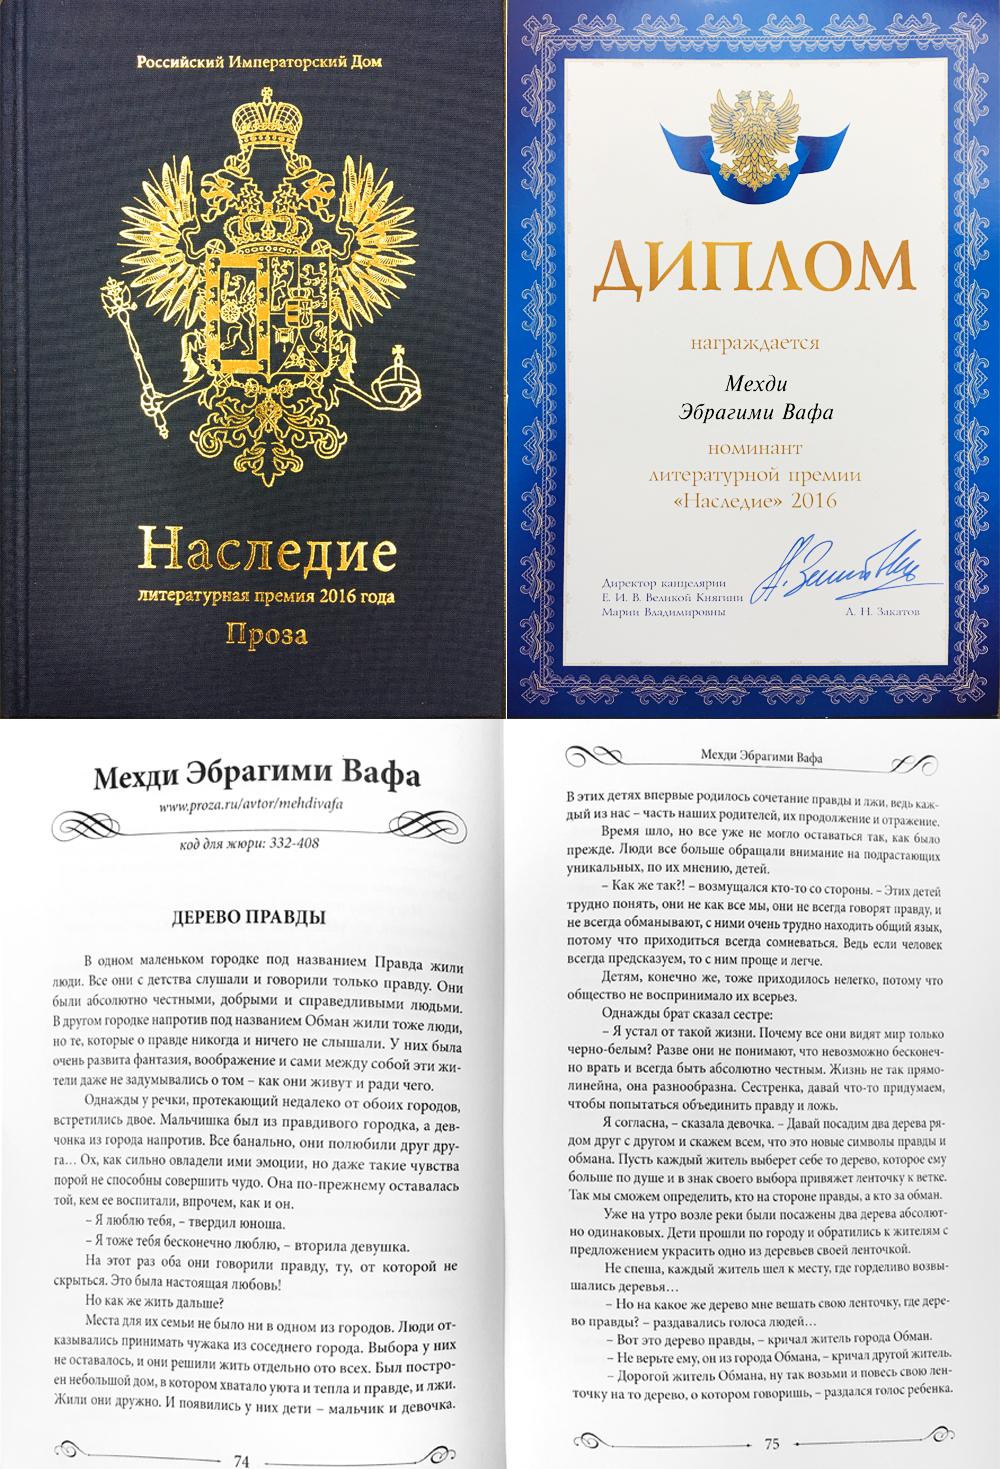 Мехди Эбрагими Вафа - номинант литературной премии НАСЛЕДИЕ